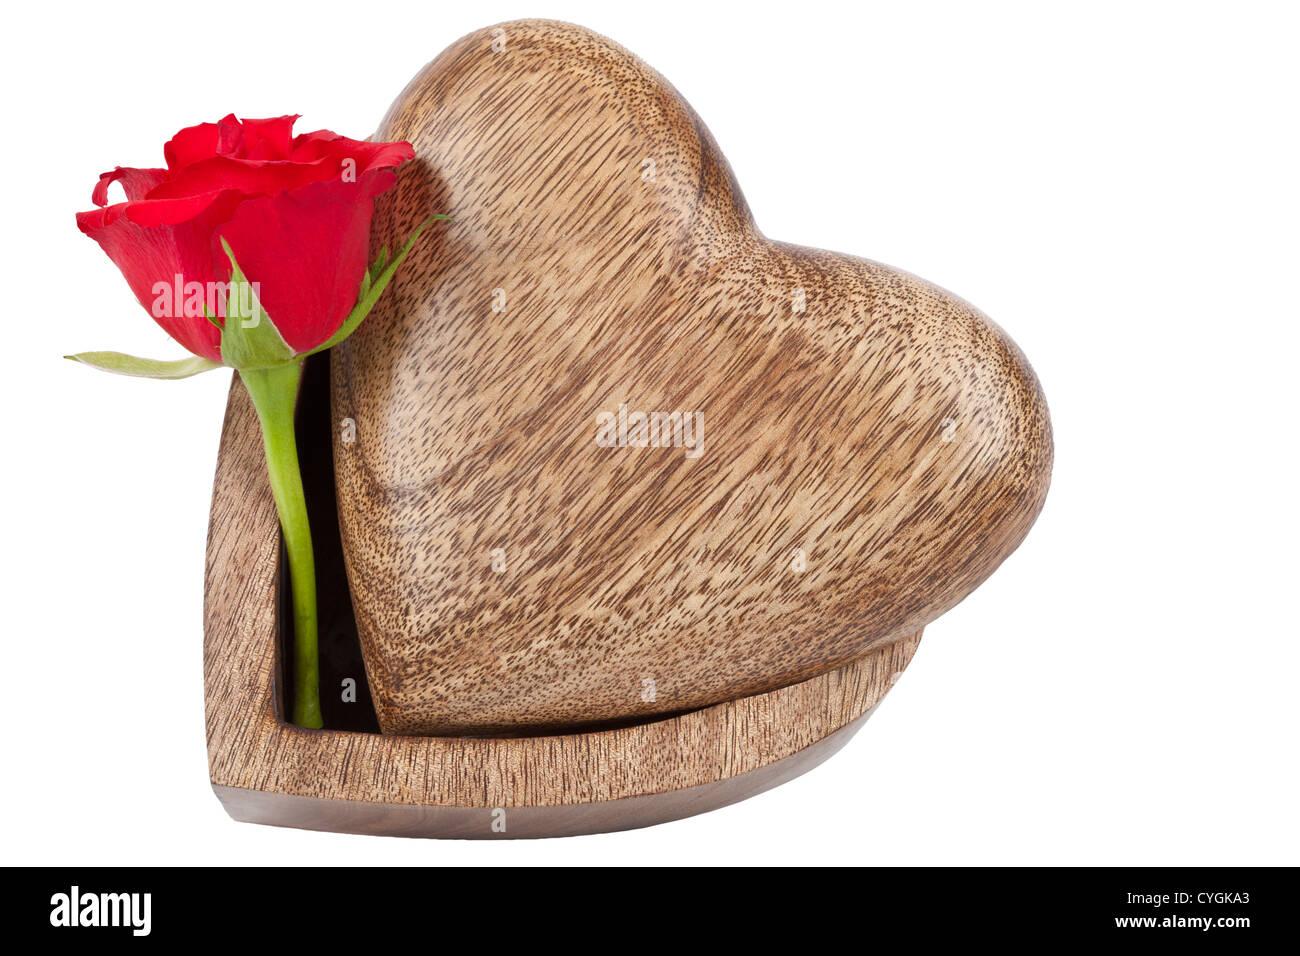 Rot stieg und geschnitzte hölzerne Kiste in Form von einer Liebe Herzen, isoliert auf weiss mit Arbeitspfad Stockfoto